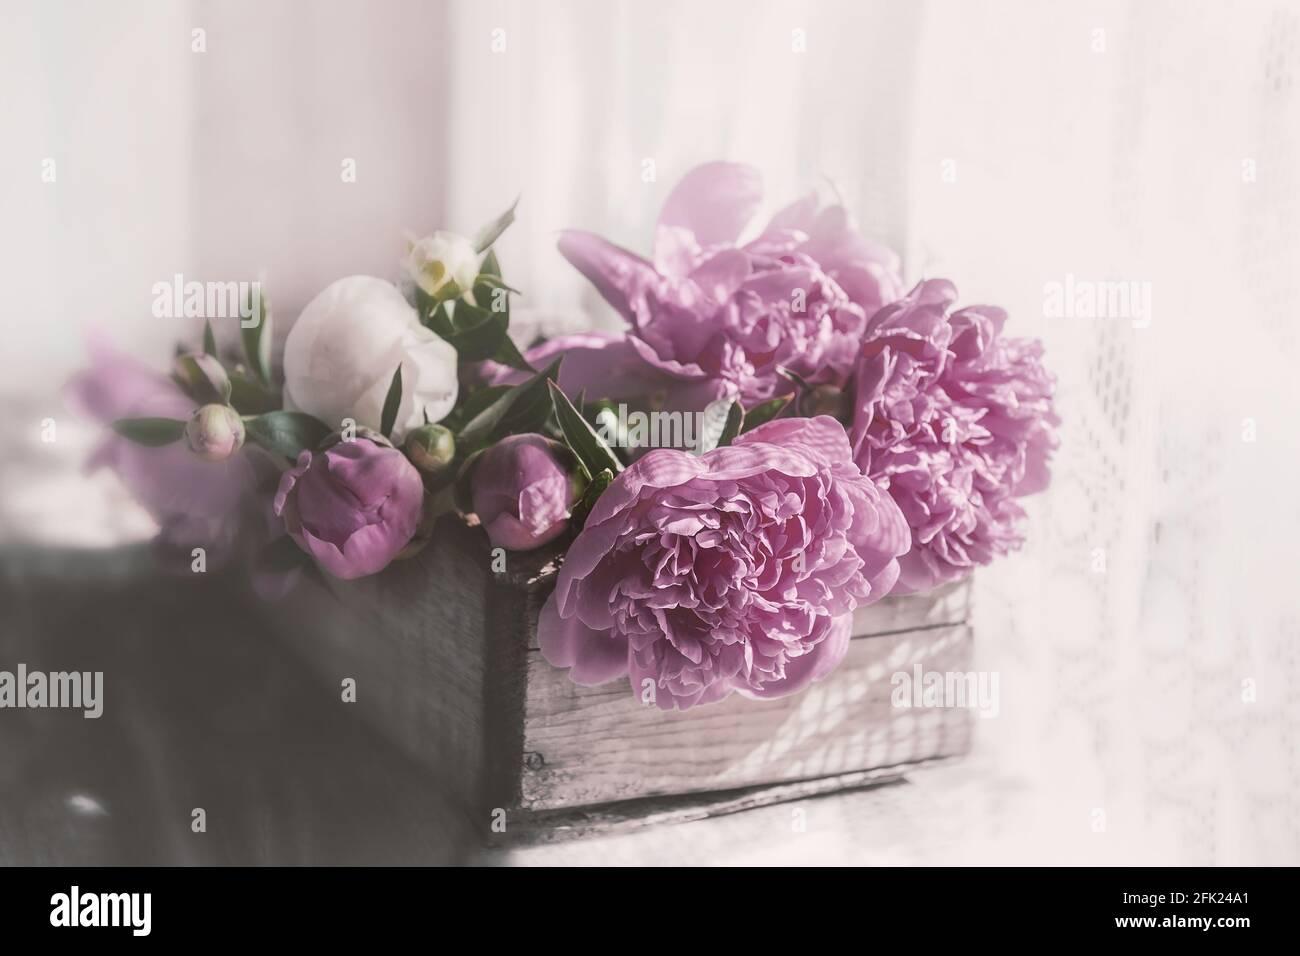 Románticas peonías de color rosa vintage en una antigua caja texturizada de madera. Espacio para copias. Foto de stock